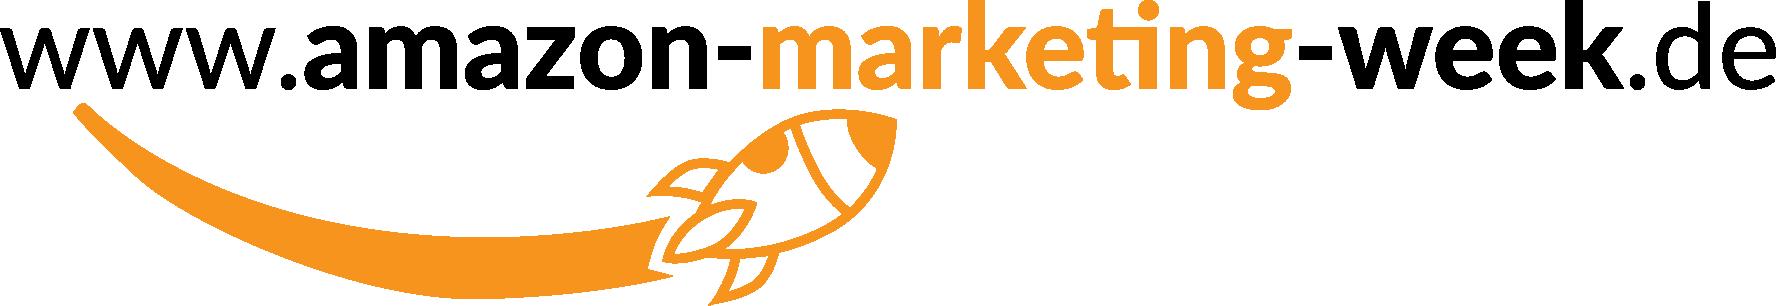 Amazon_Marketing_Week_logo_PNG4